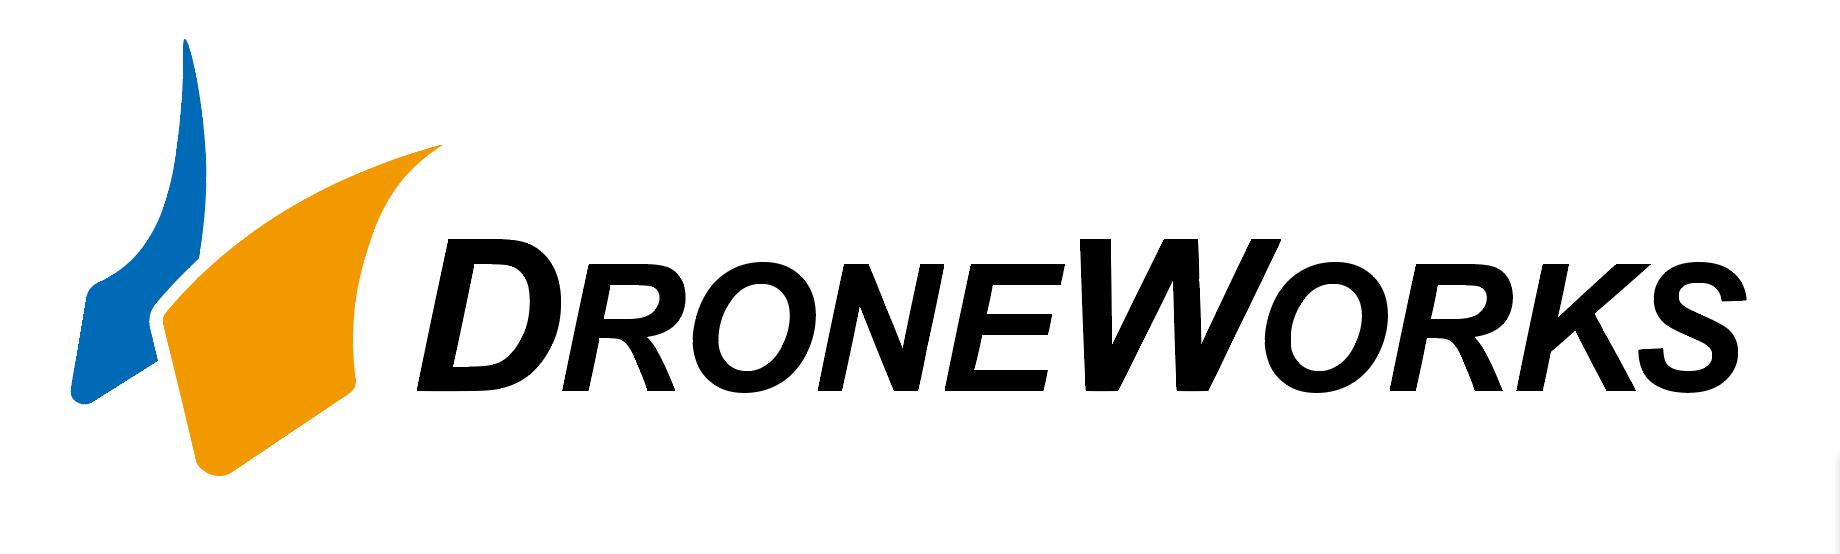 ドローンワークス株式会社 (DroneWorks Inc.)